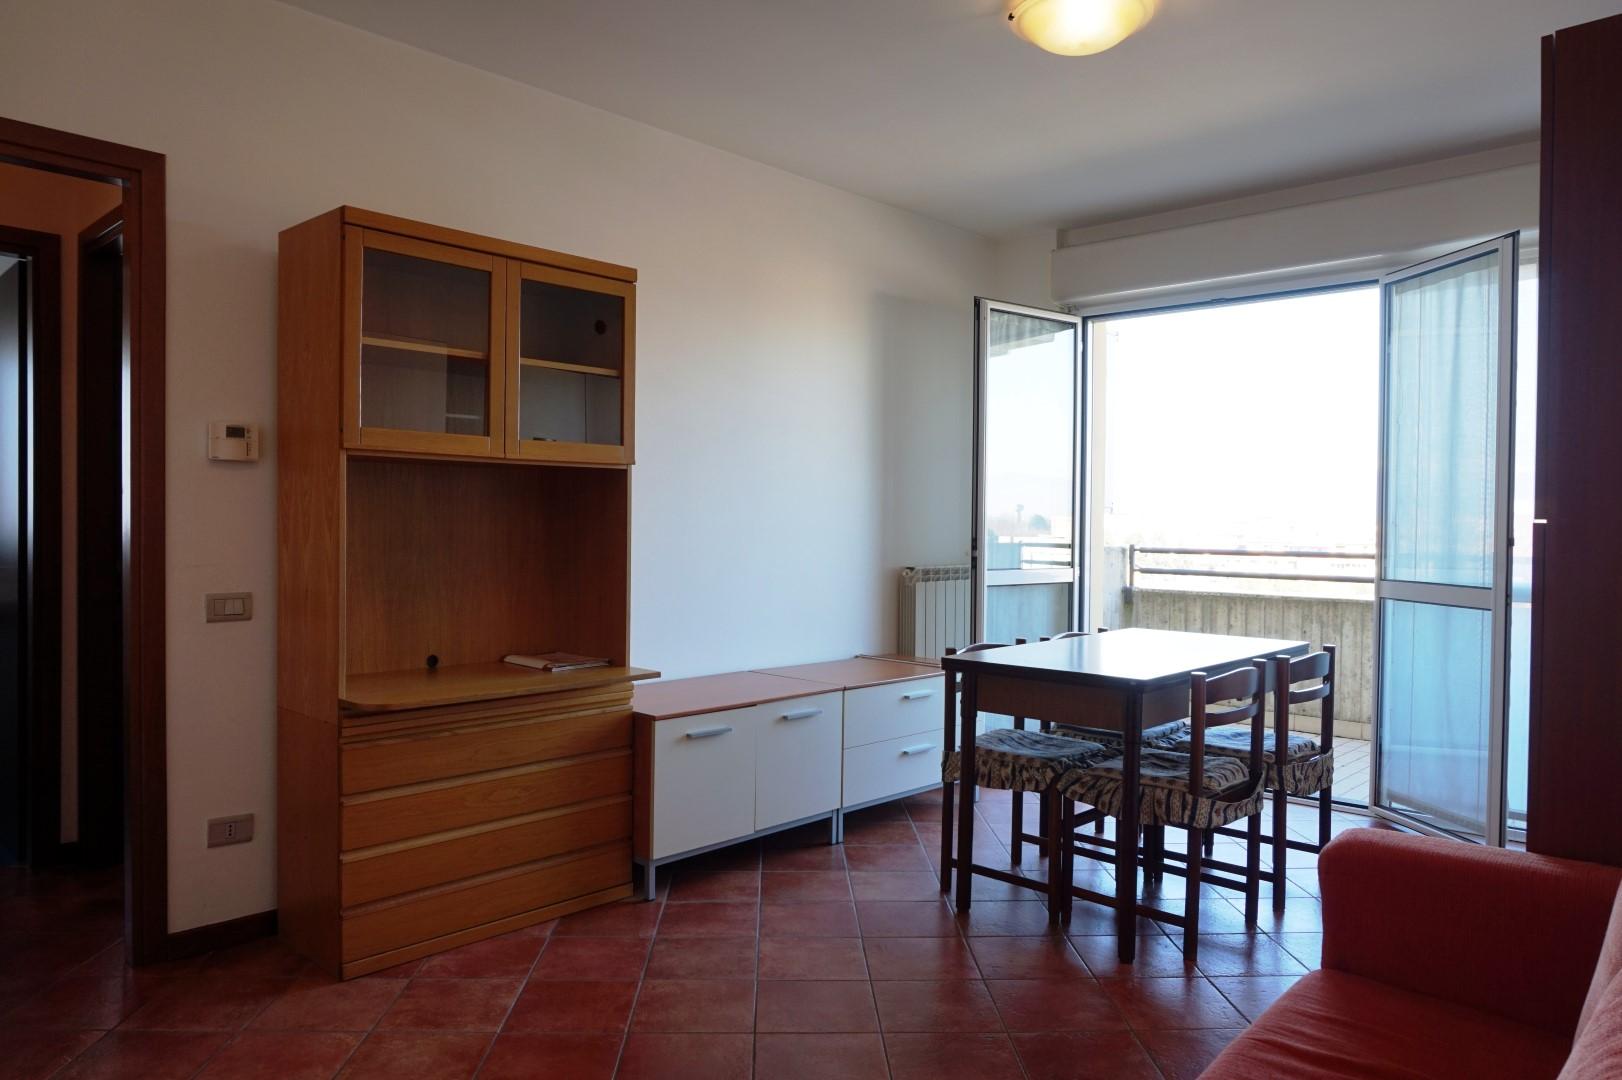 Appartamento bilocale arredato con box dalmine zona conad progea for Soggiorno arredato